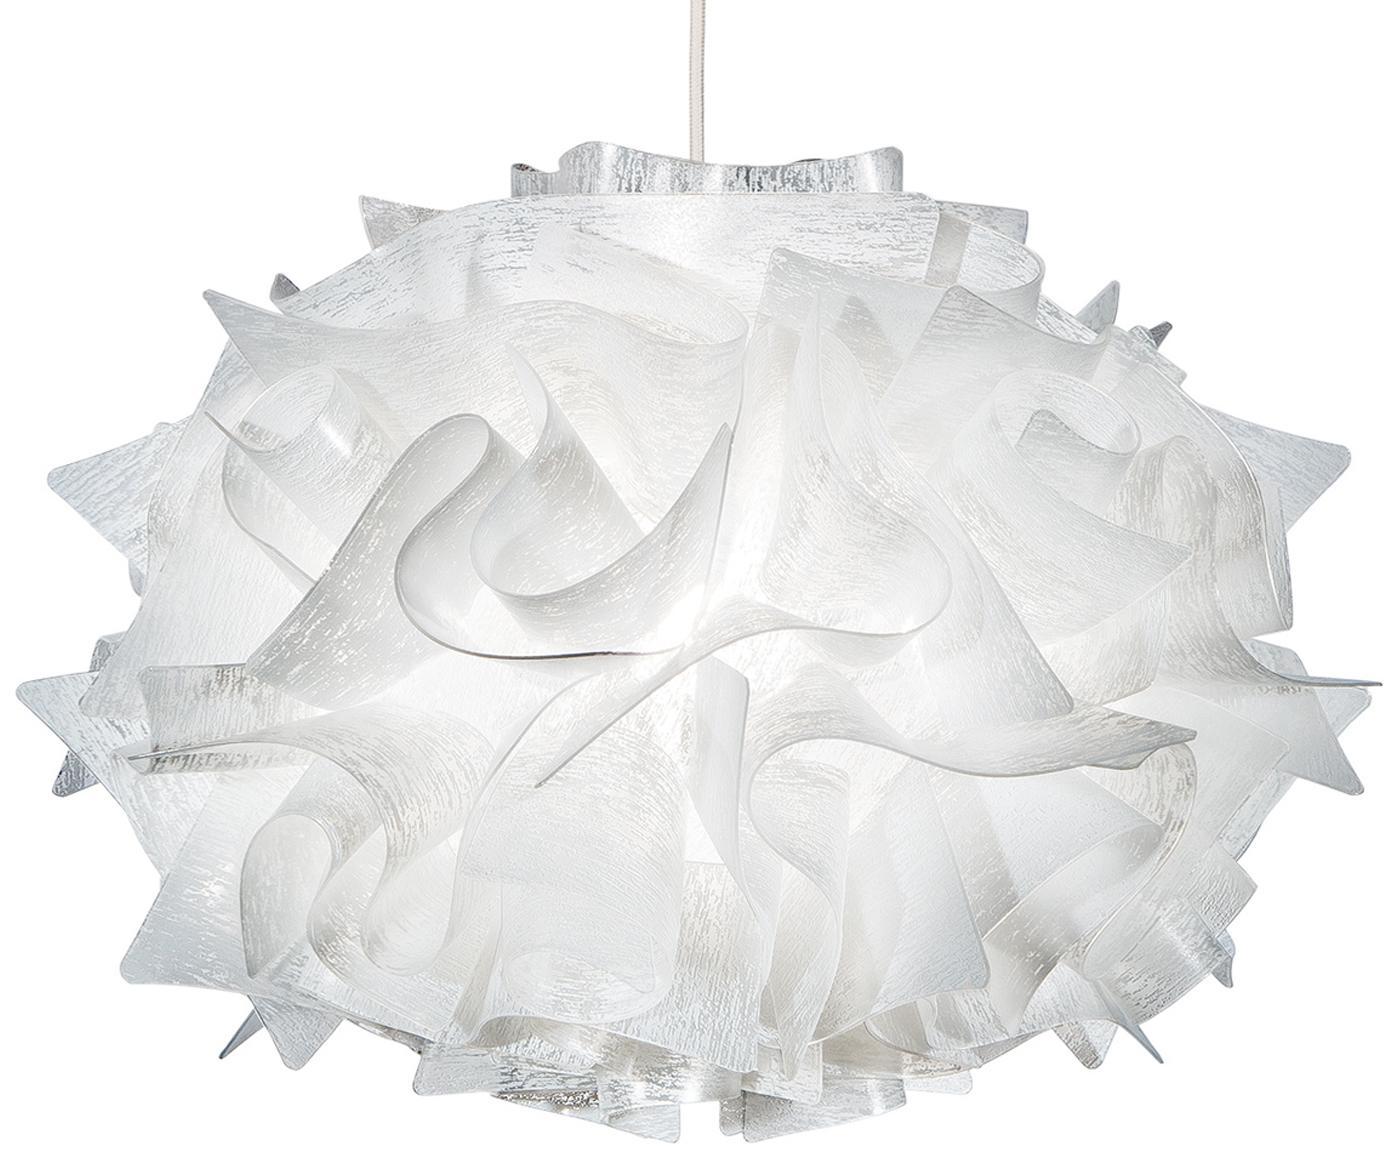 Handgefertigte Design-Pendelleuchte Veli Mini, Technopolymer Opalflex®, recycelbar, bruchfest, flexibel, antistatisch beschichtet, UV- und hitzebeständig, Weiß, Ø 32 x H 22 cm